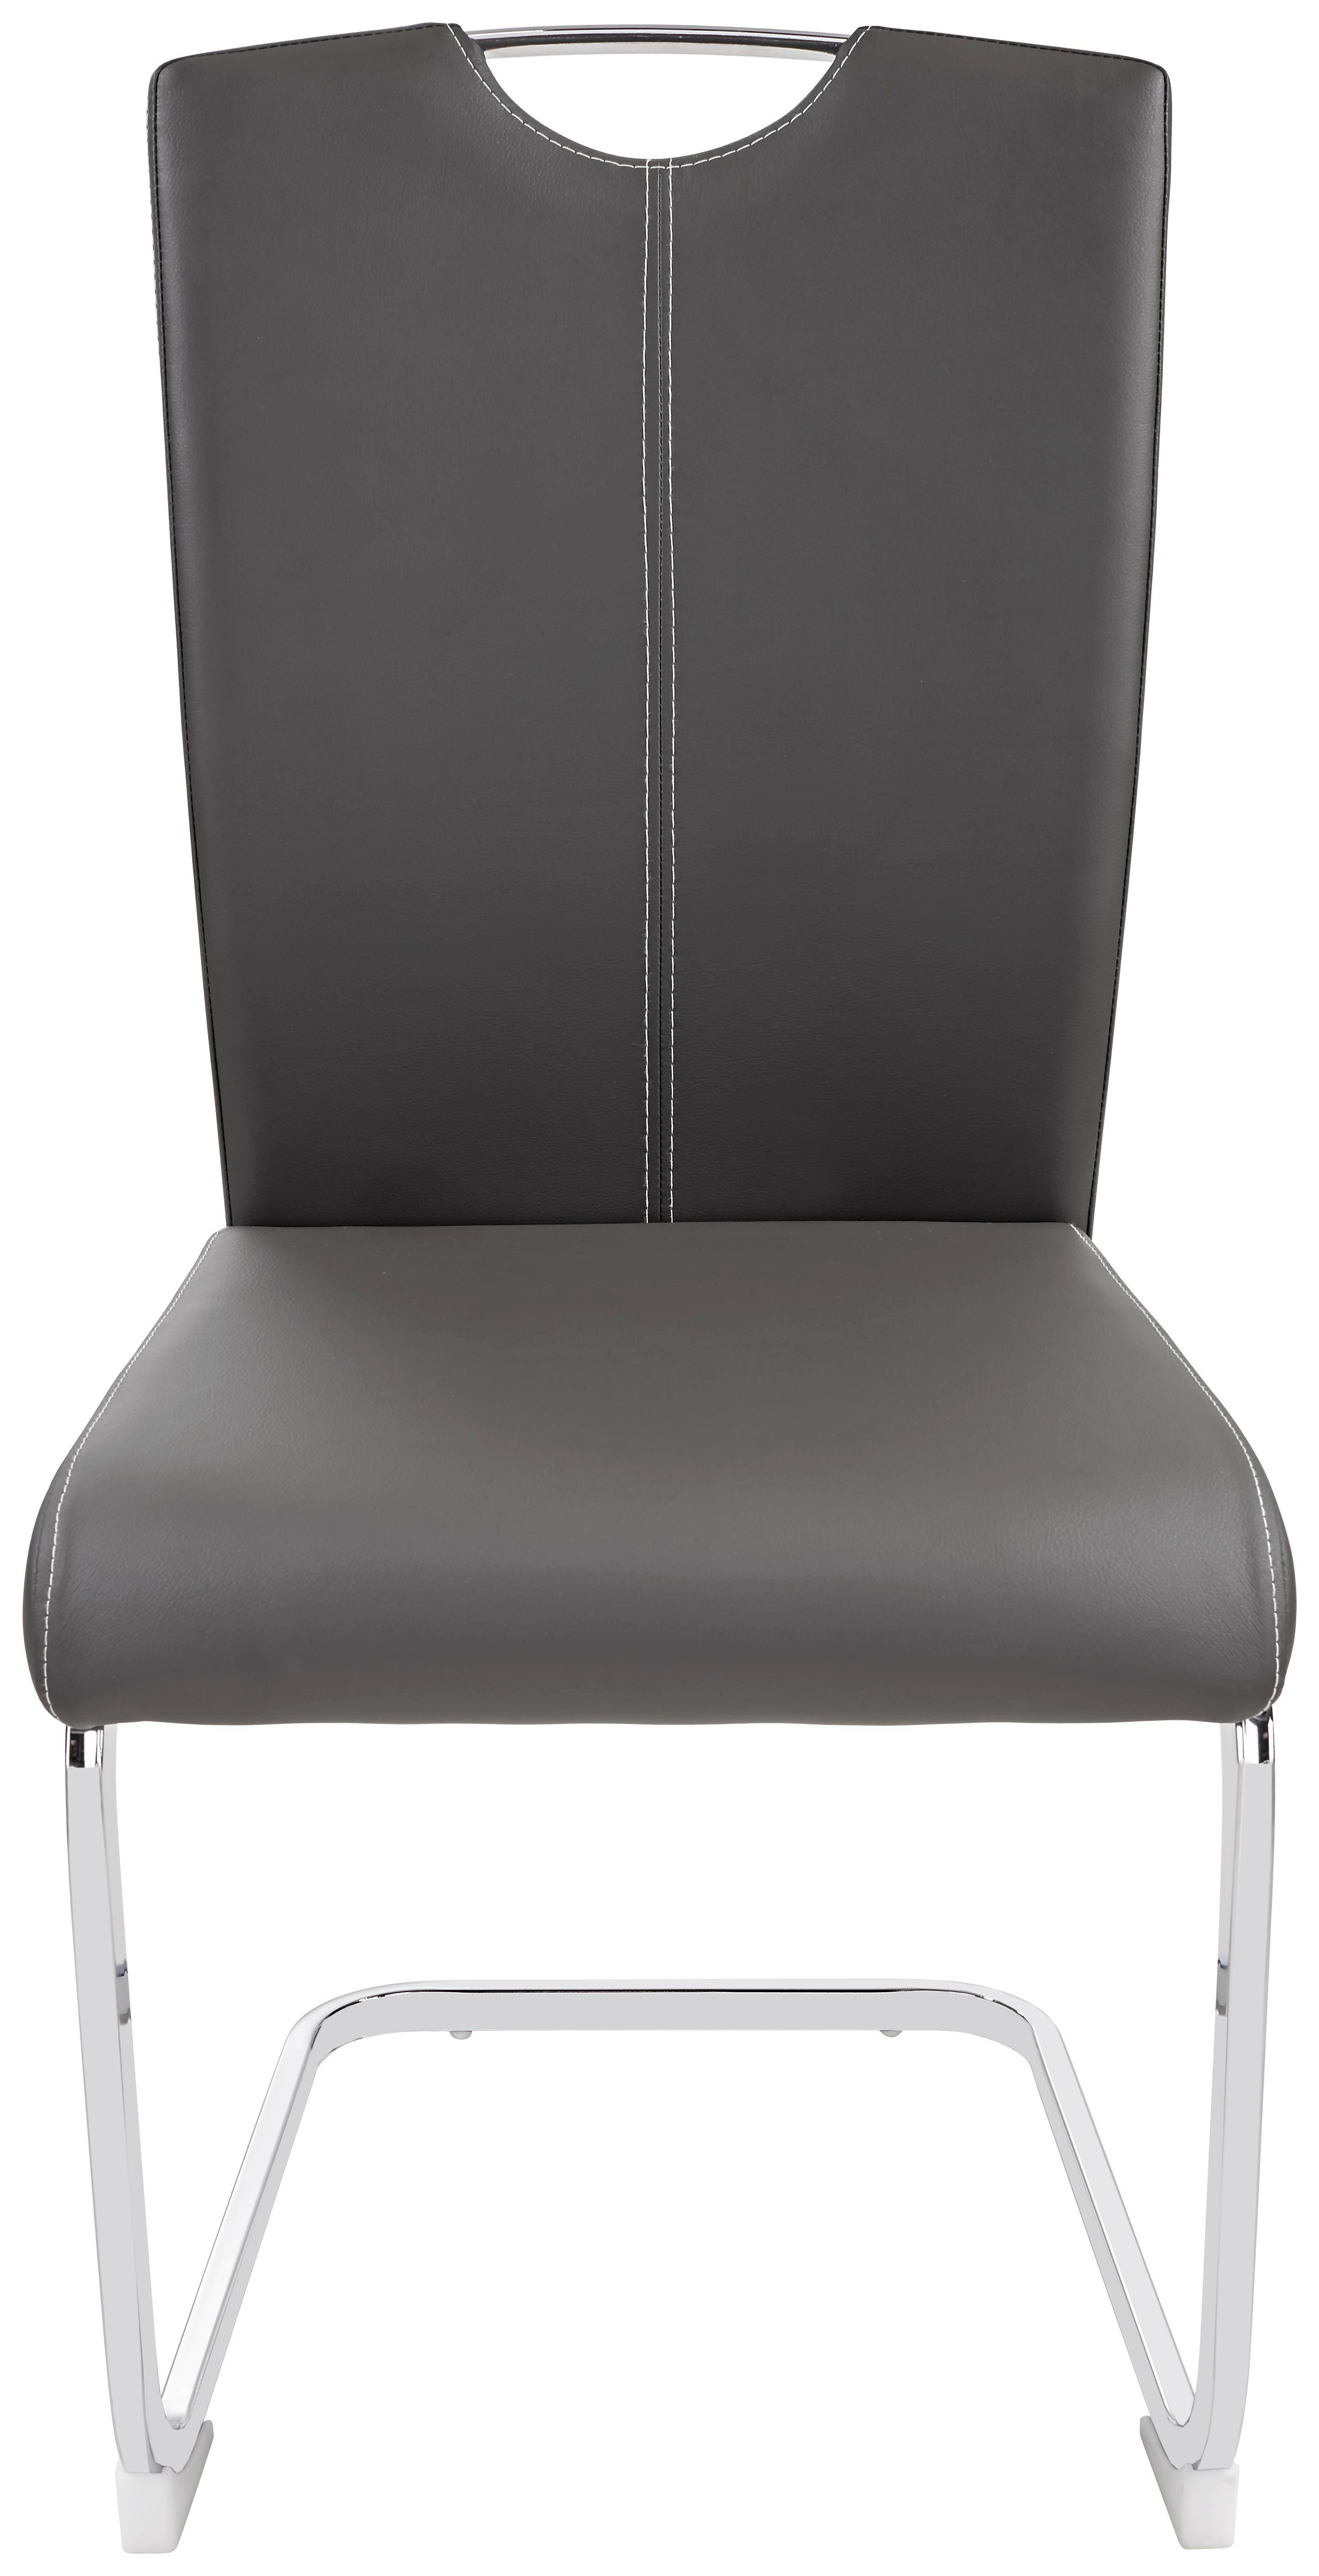 Schwingstuhl in modernem Design